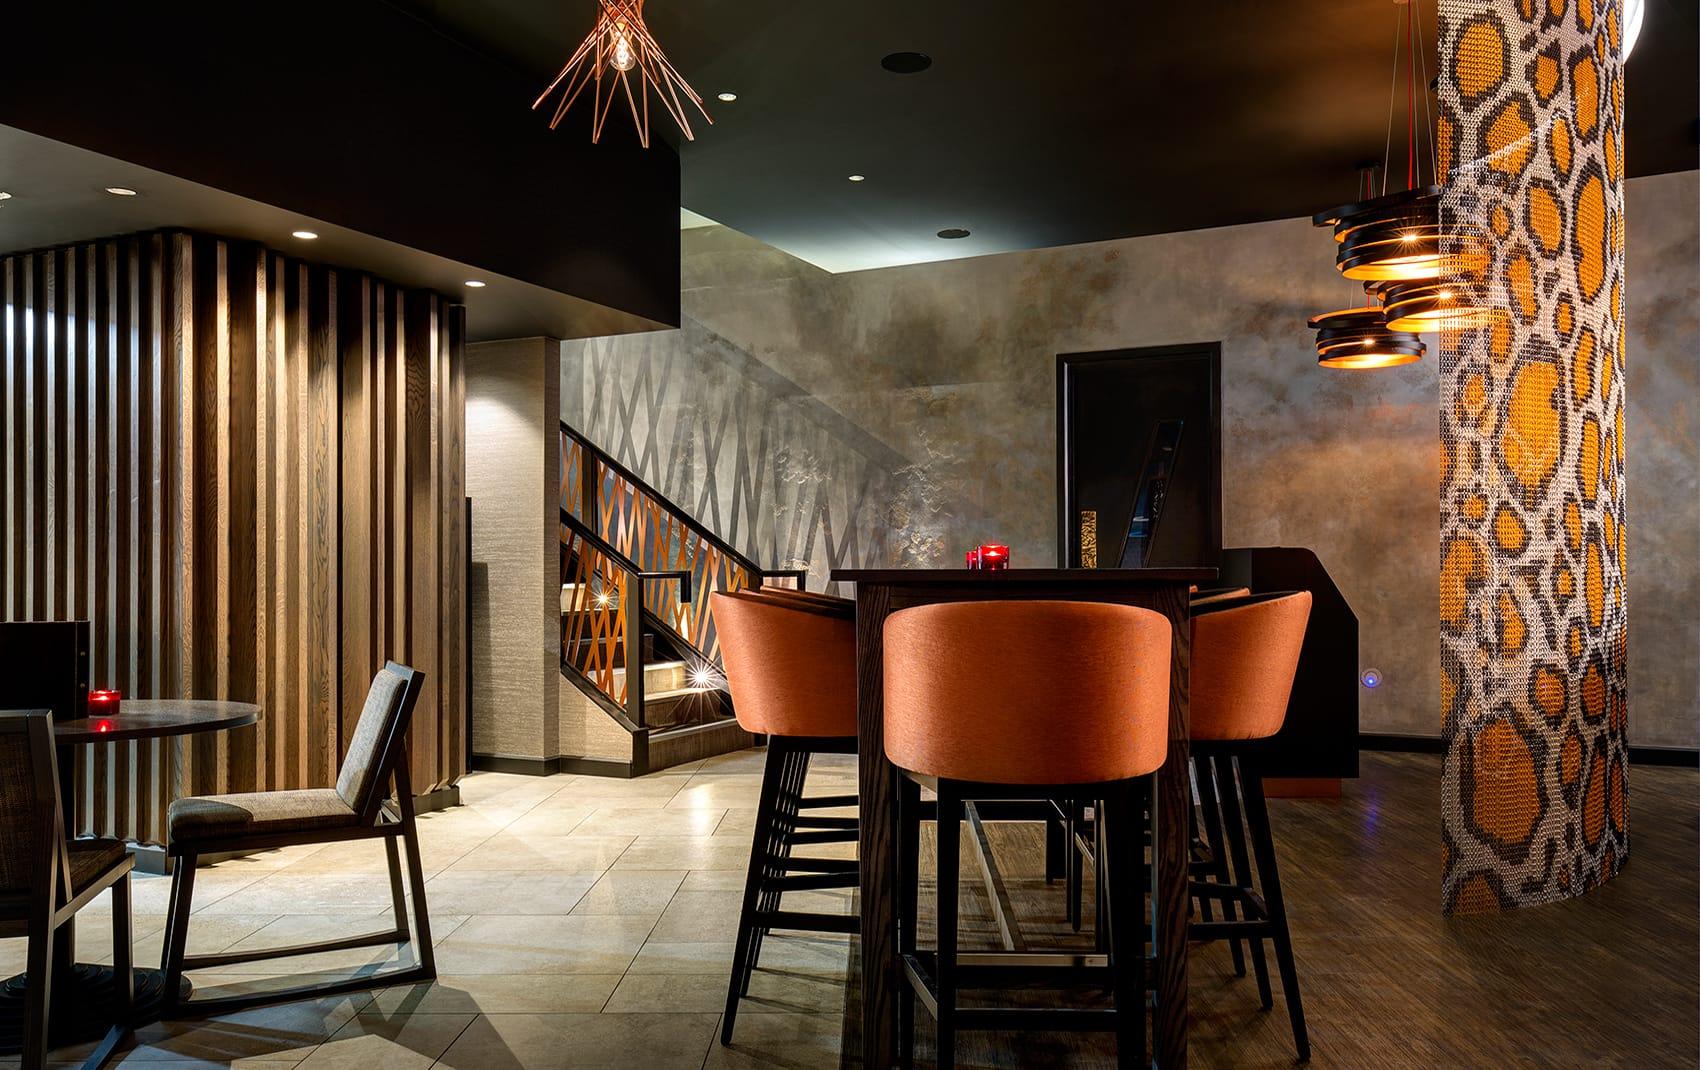 restaurant design ideas